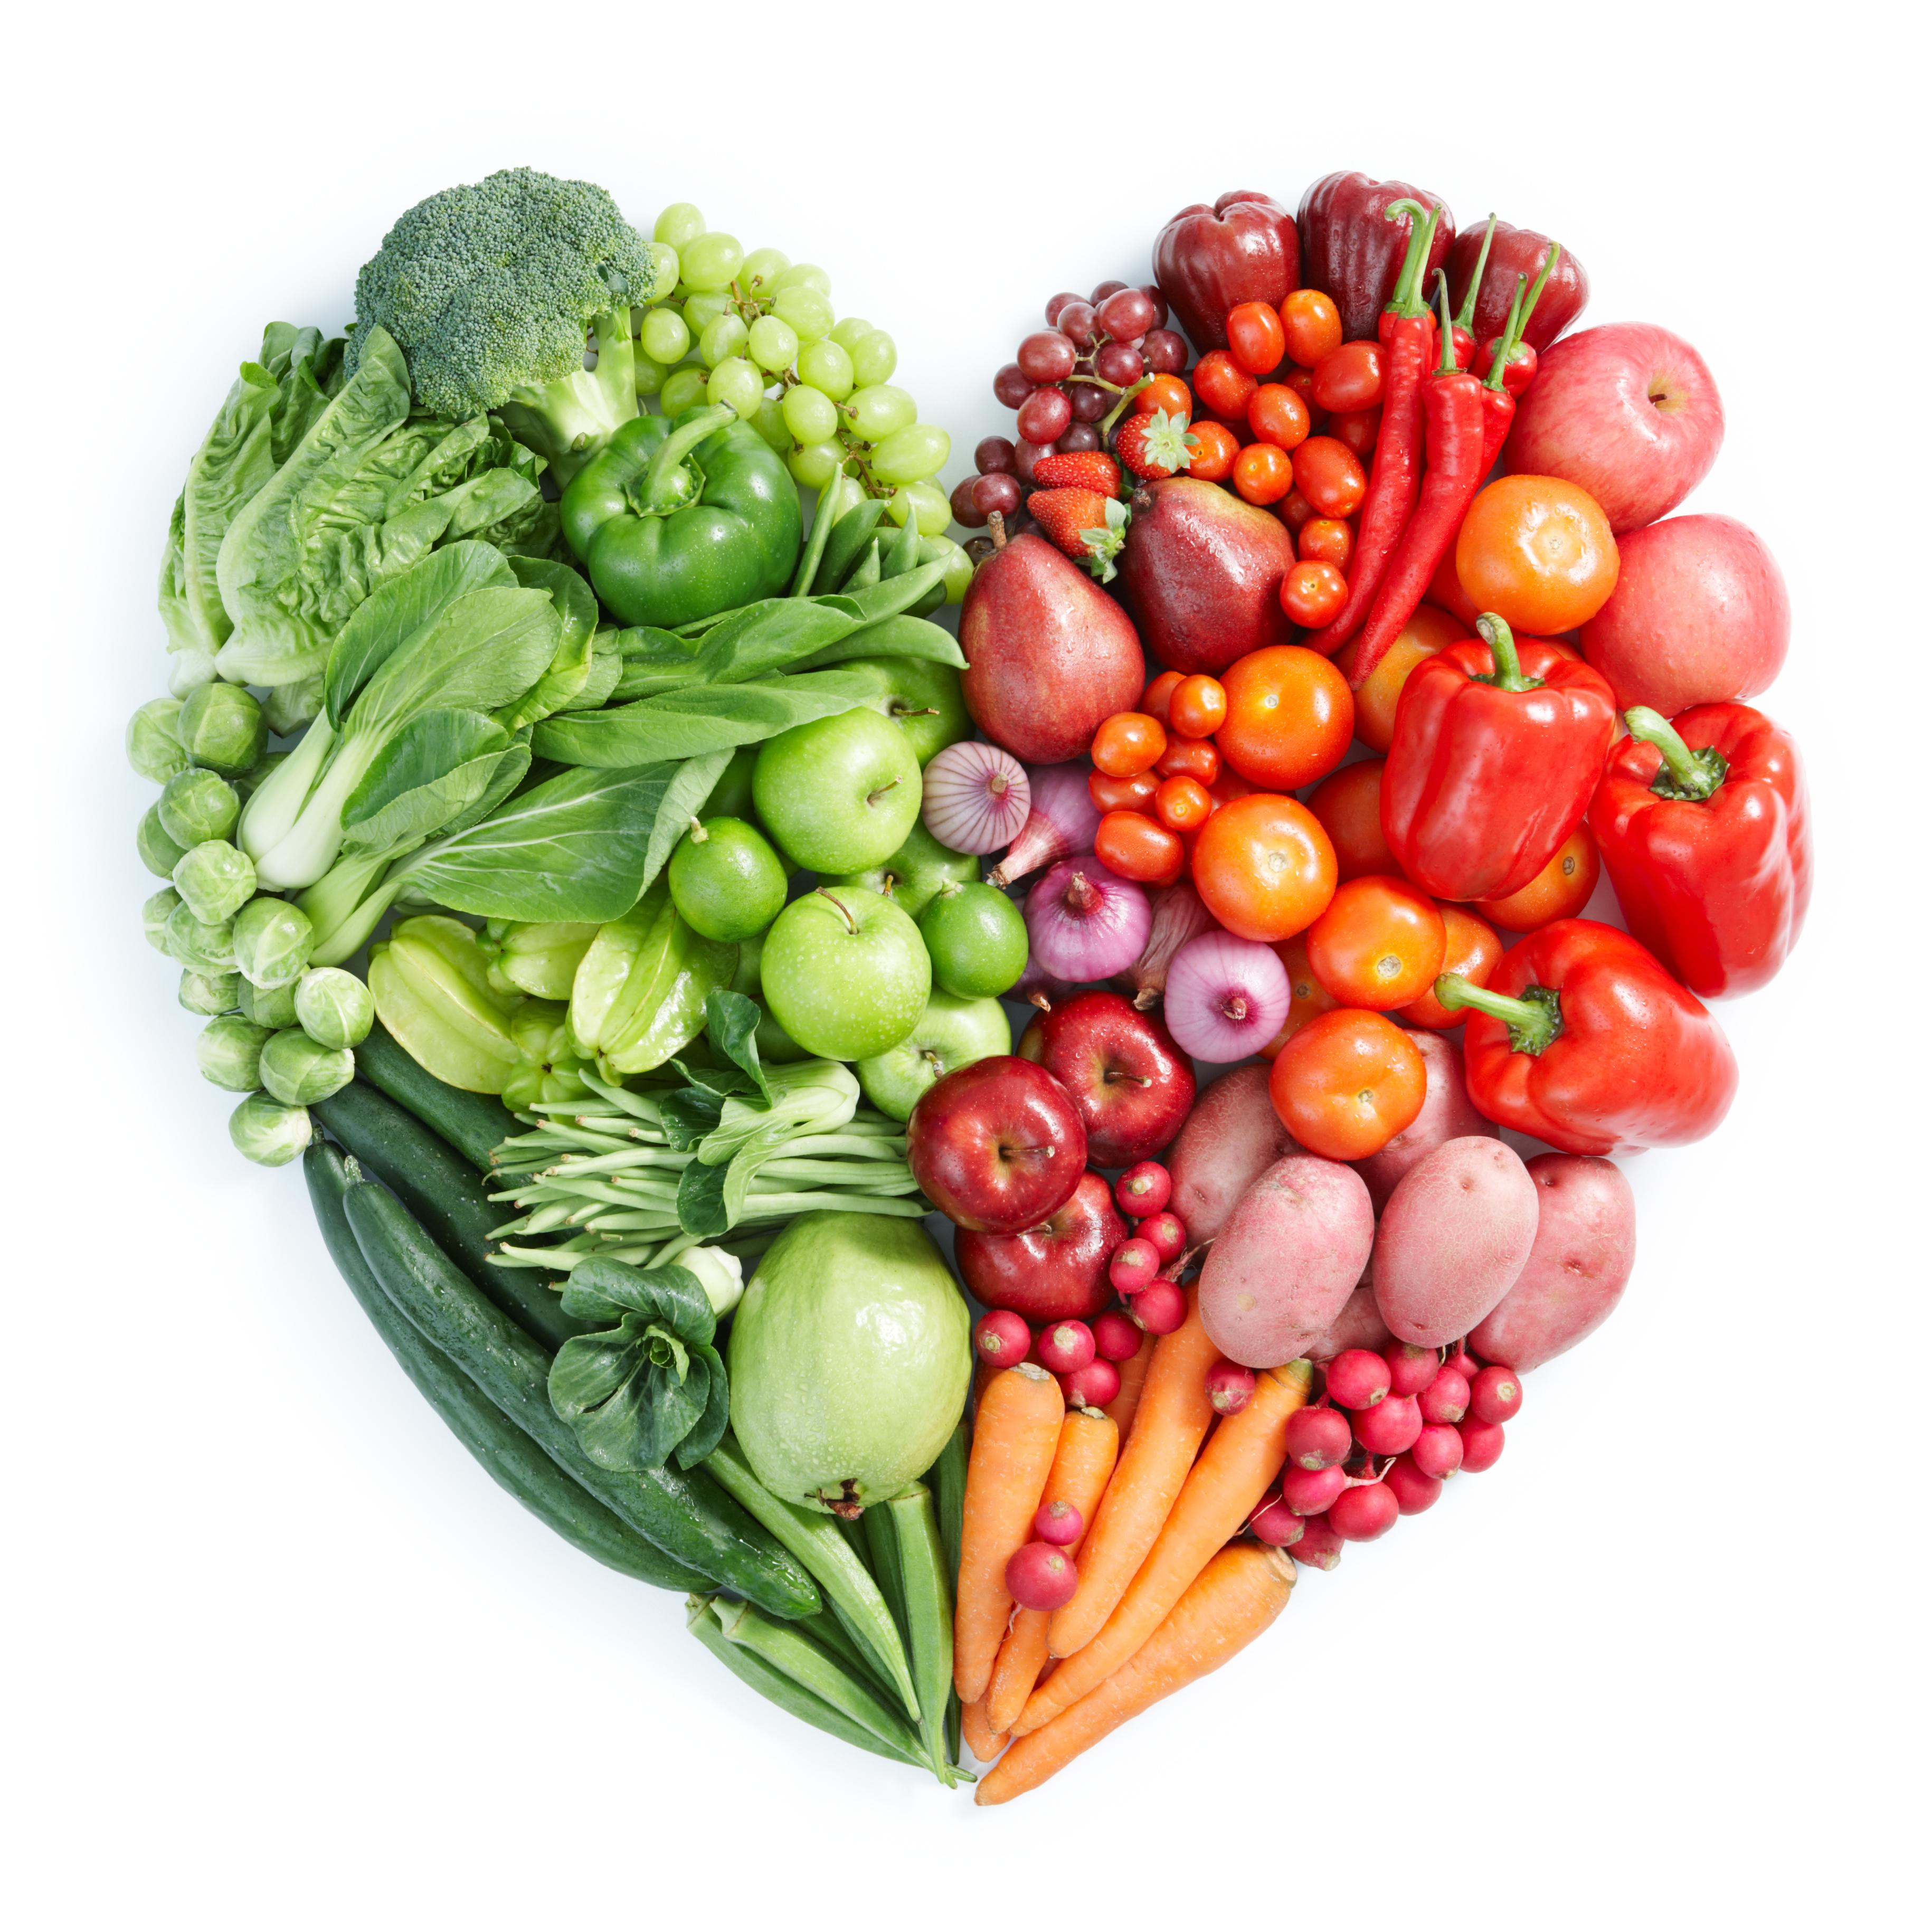 gezonde levensstijl voeding